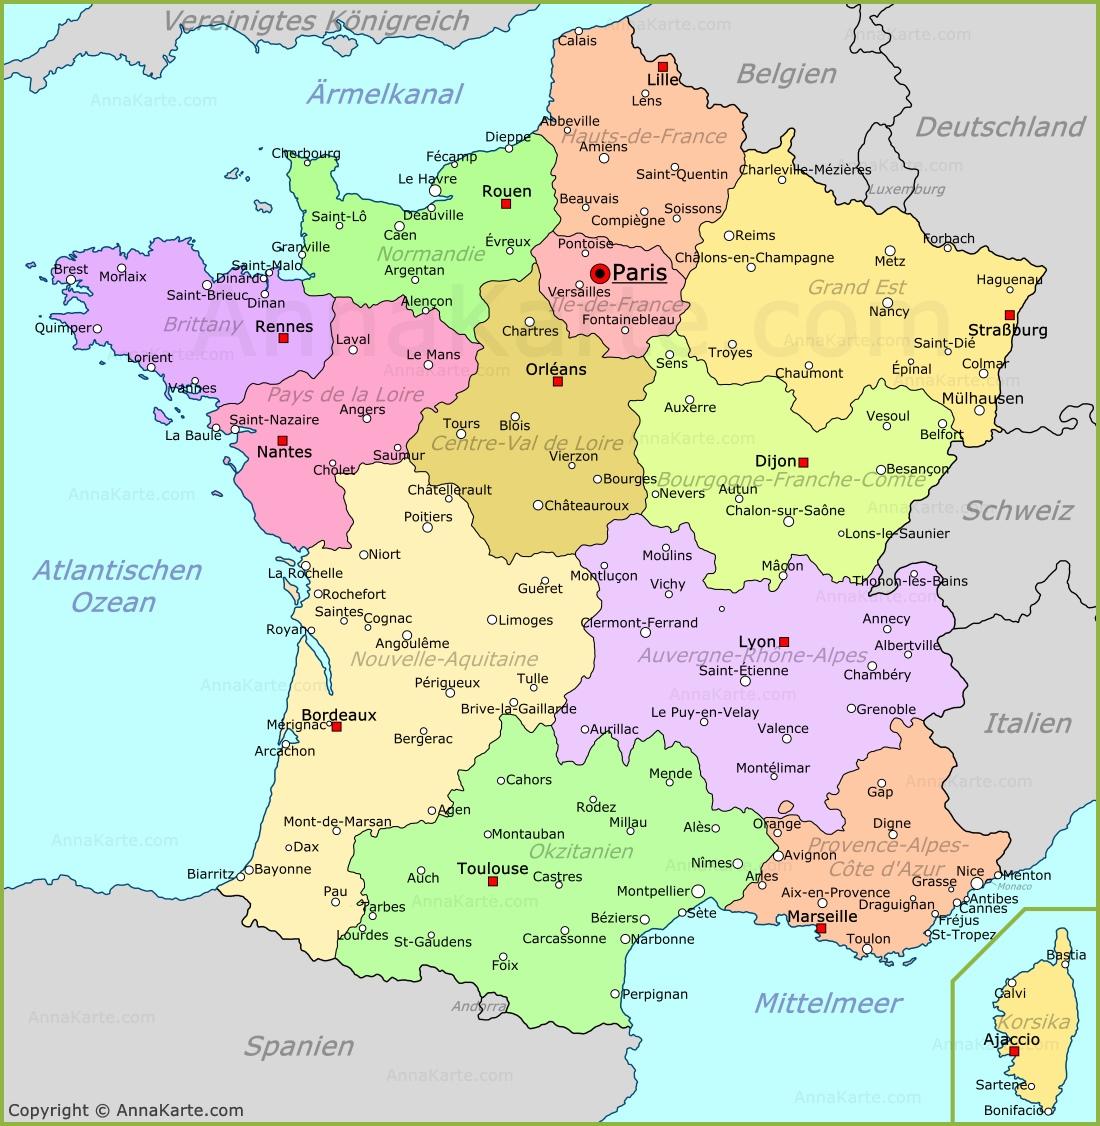 Frankreich Karte Annakarte Com